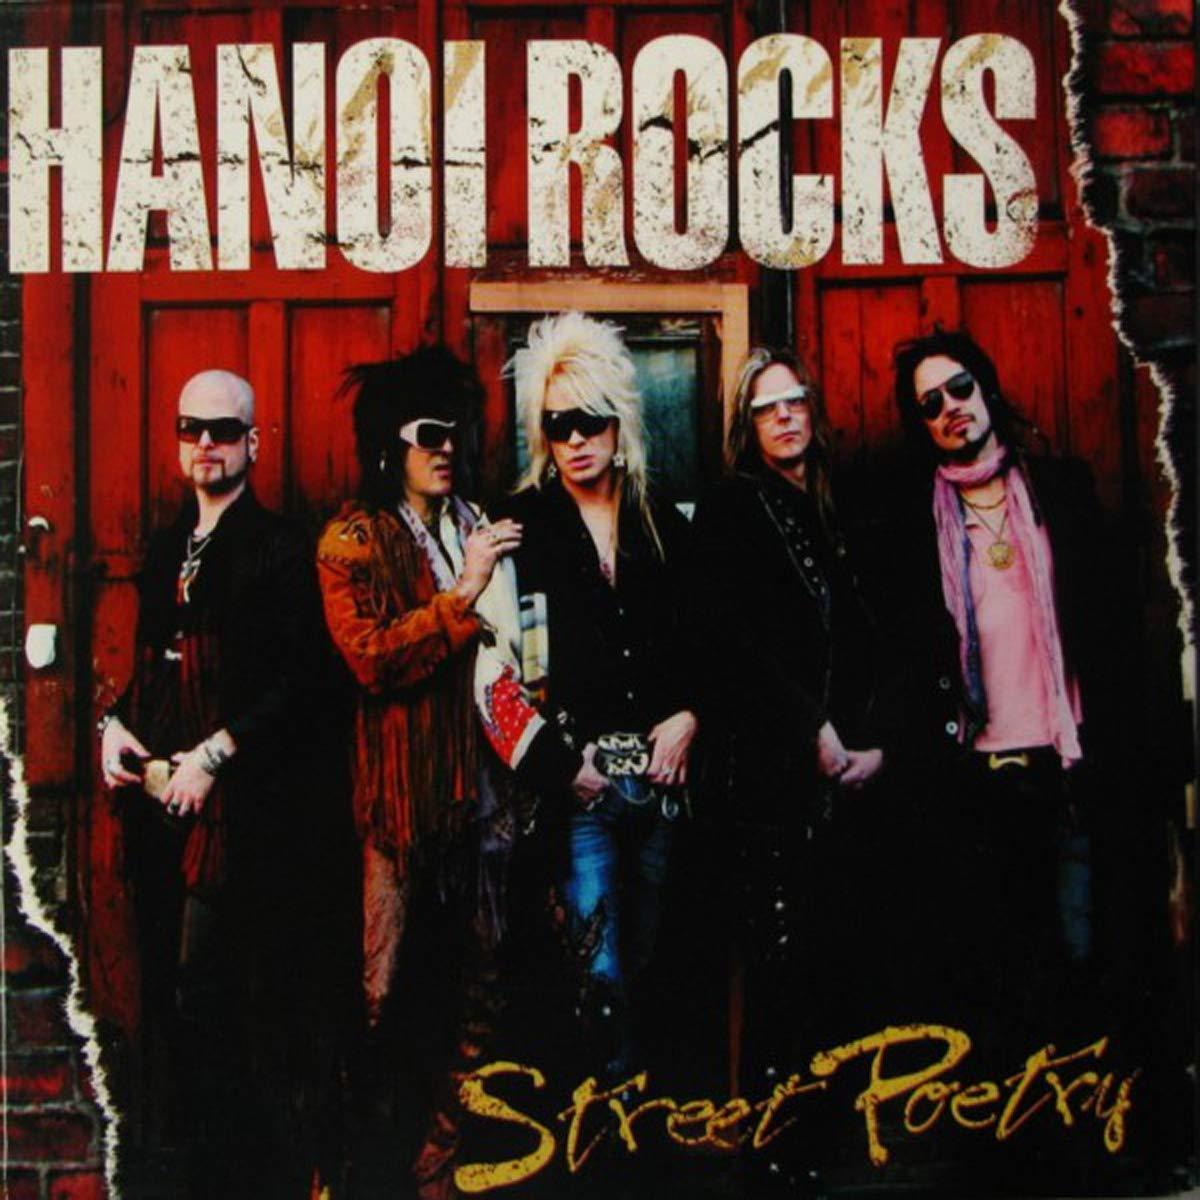 10 discos de Hard, Glam y Sleaze del siglo 21 - Página 3 71sDFKCnNnL._SL1200_